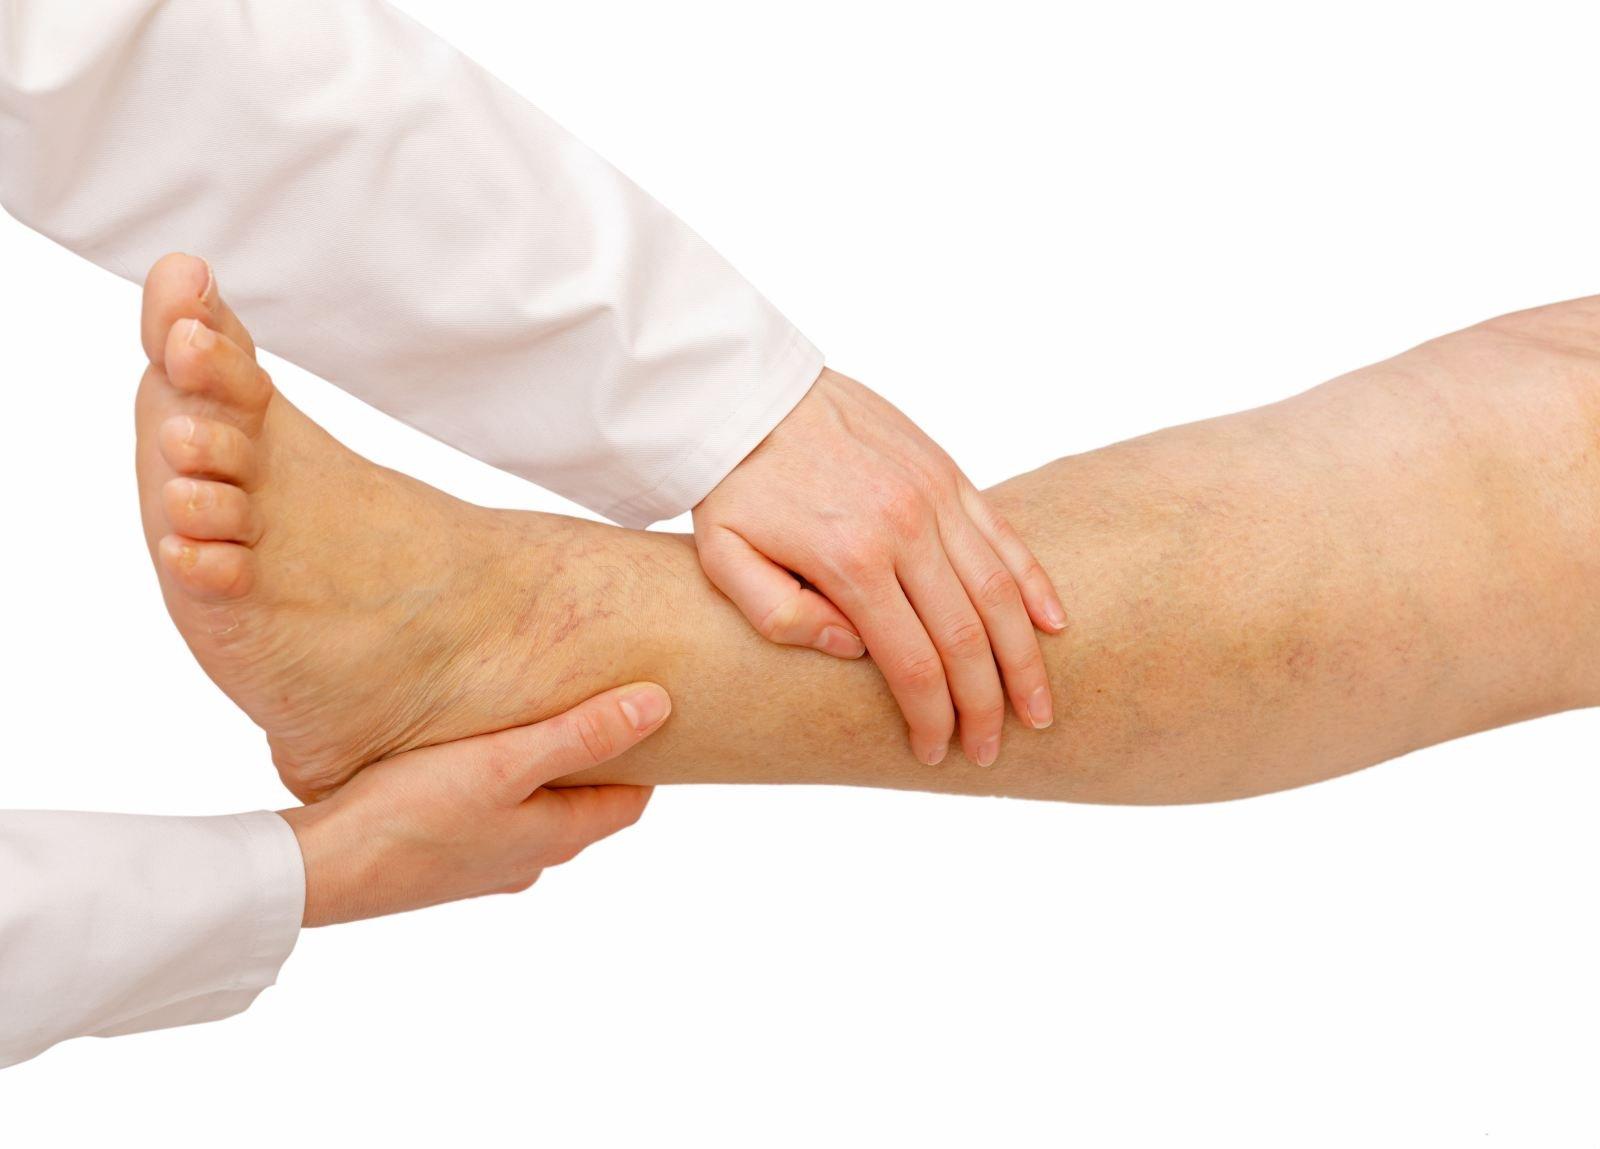 Лимфедема нижних конечностей: лечение и причины